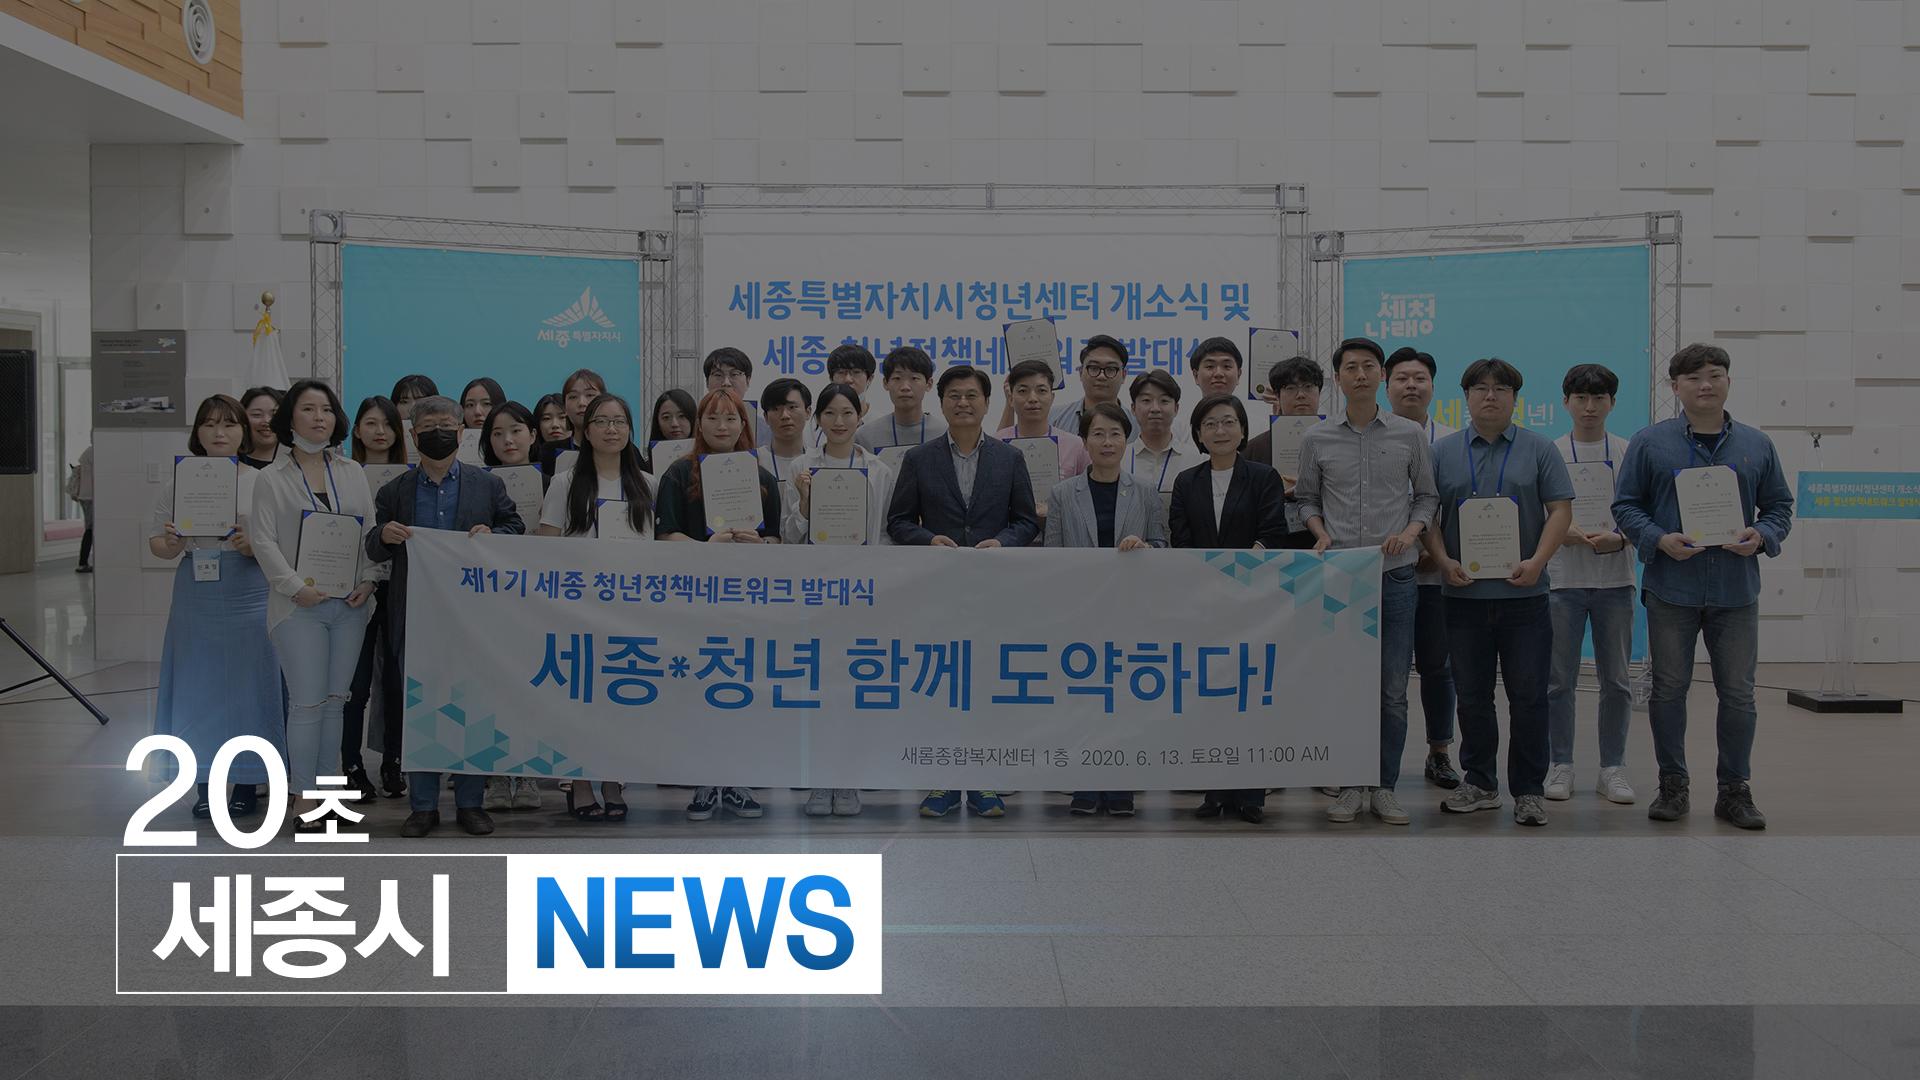 <20초뉴스> 청년 지원거점 청년센터 '세청나래' 본격 운영 돌입